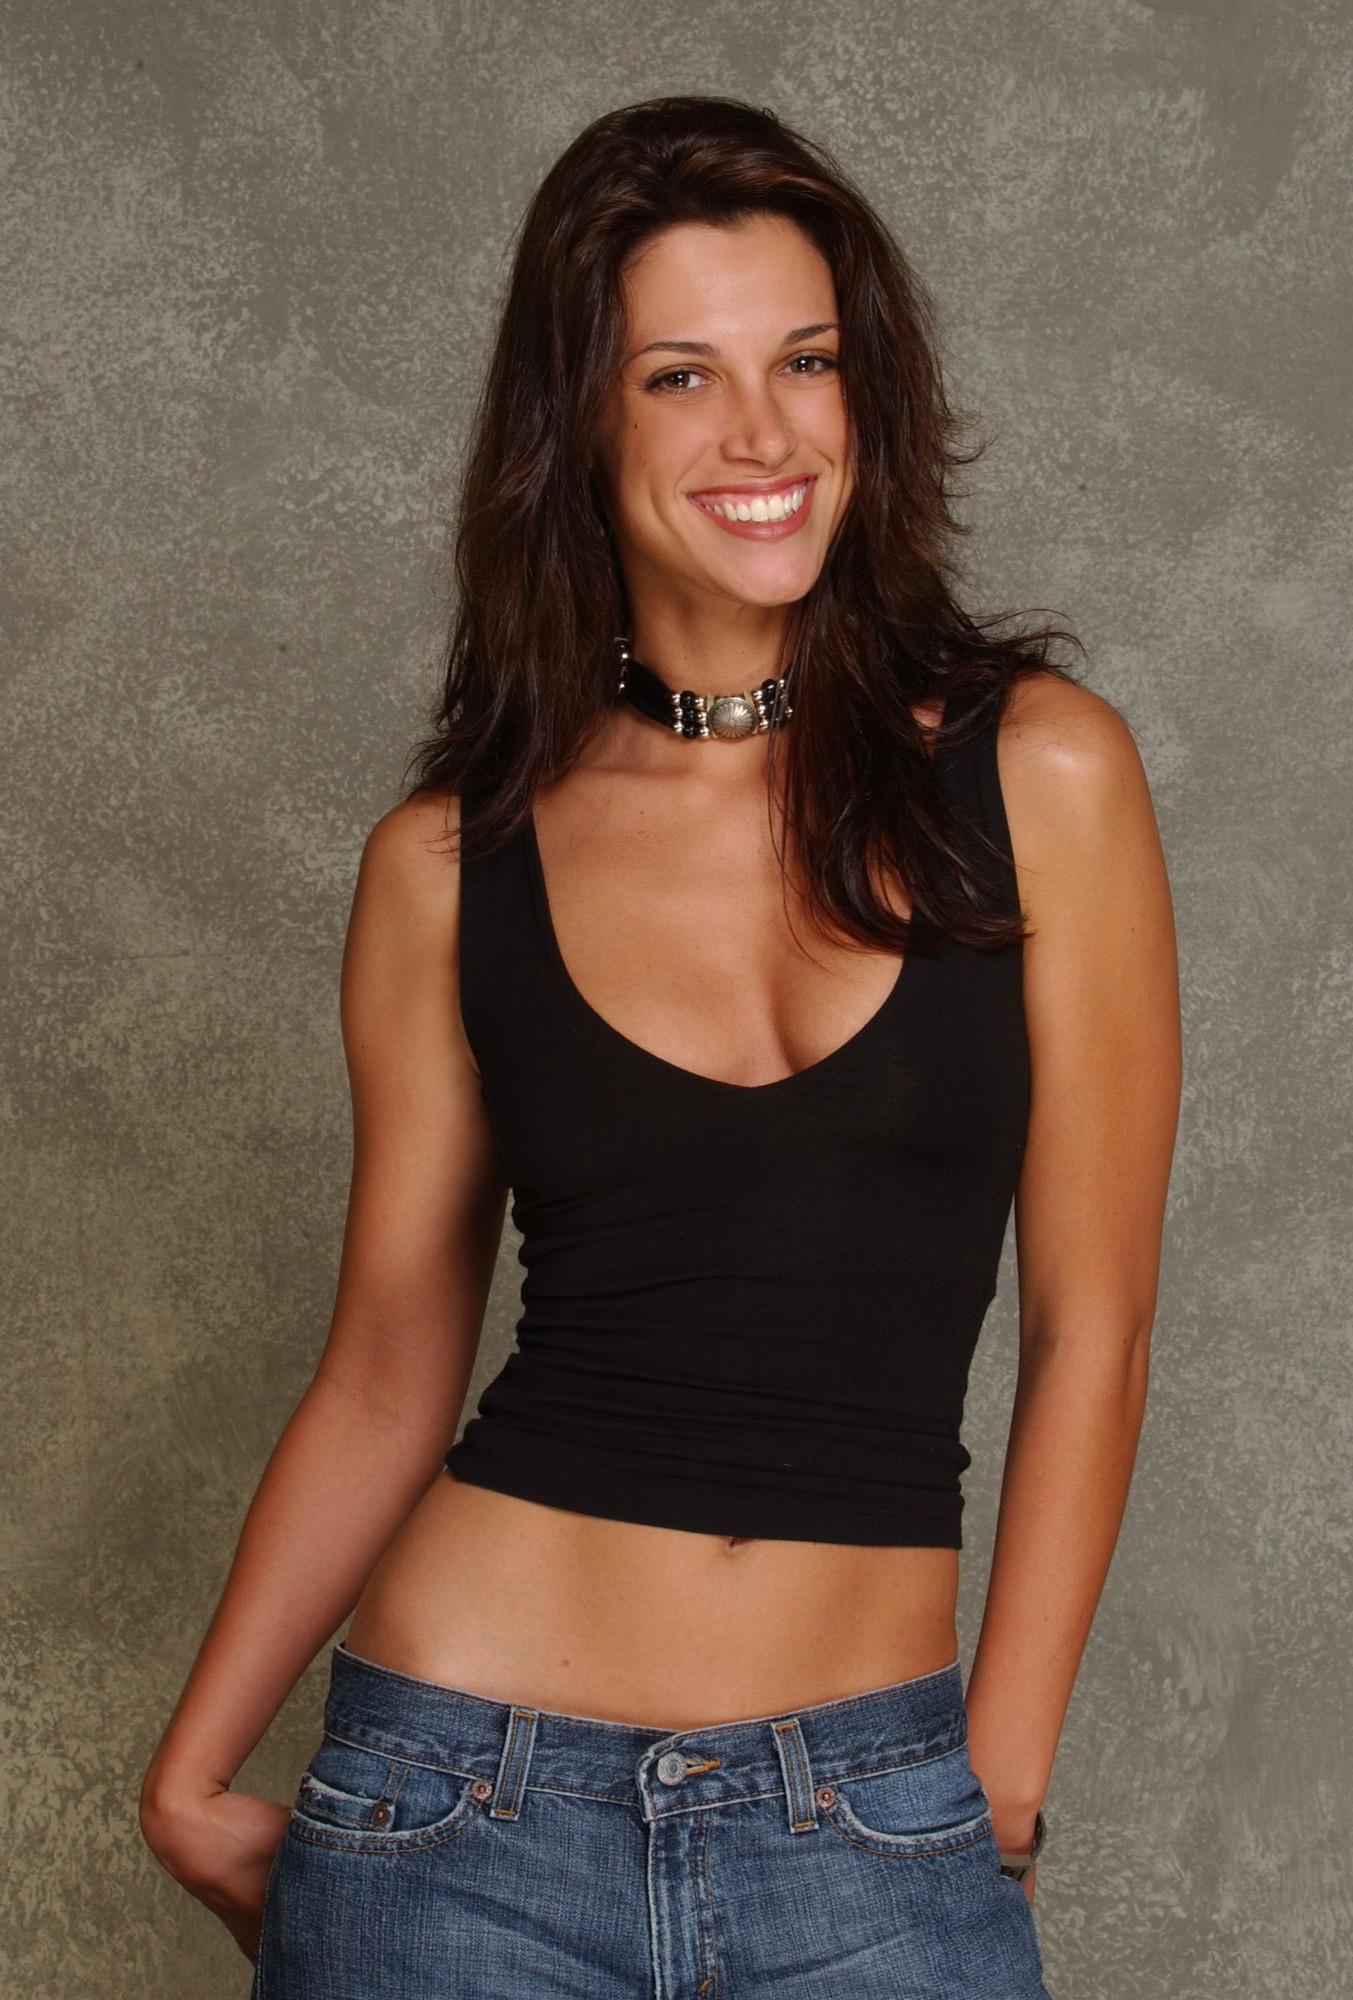 Lisa Donahue pics 96